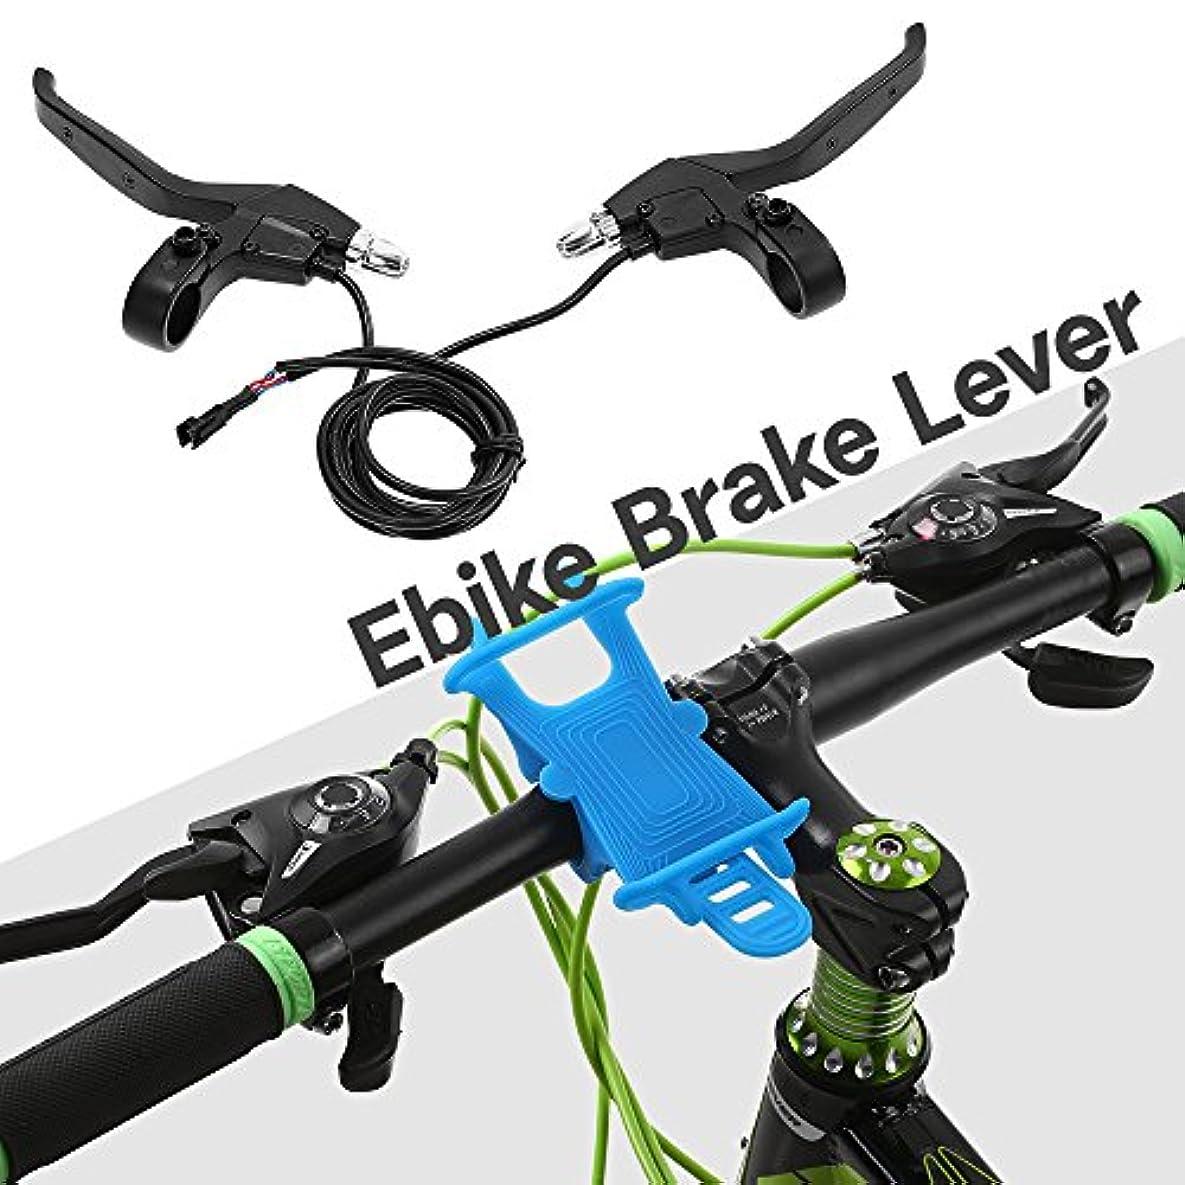 やろう哲学的シルクRakuby 電動 バイクブレーキレバーハンドル バーグリップ バイクシフター レバーパワーブレーキハンドル